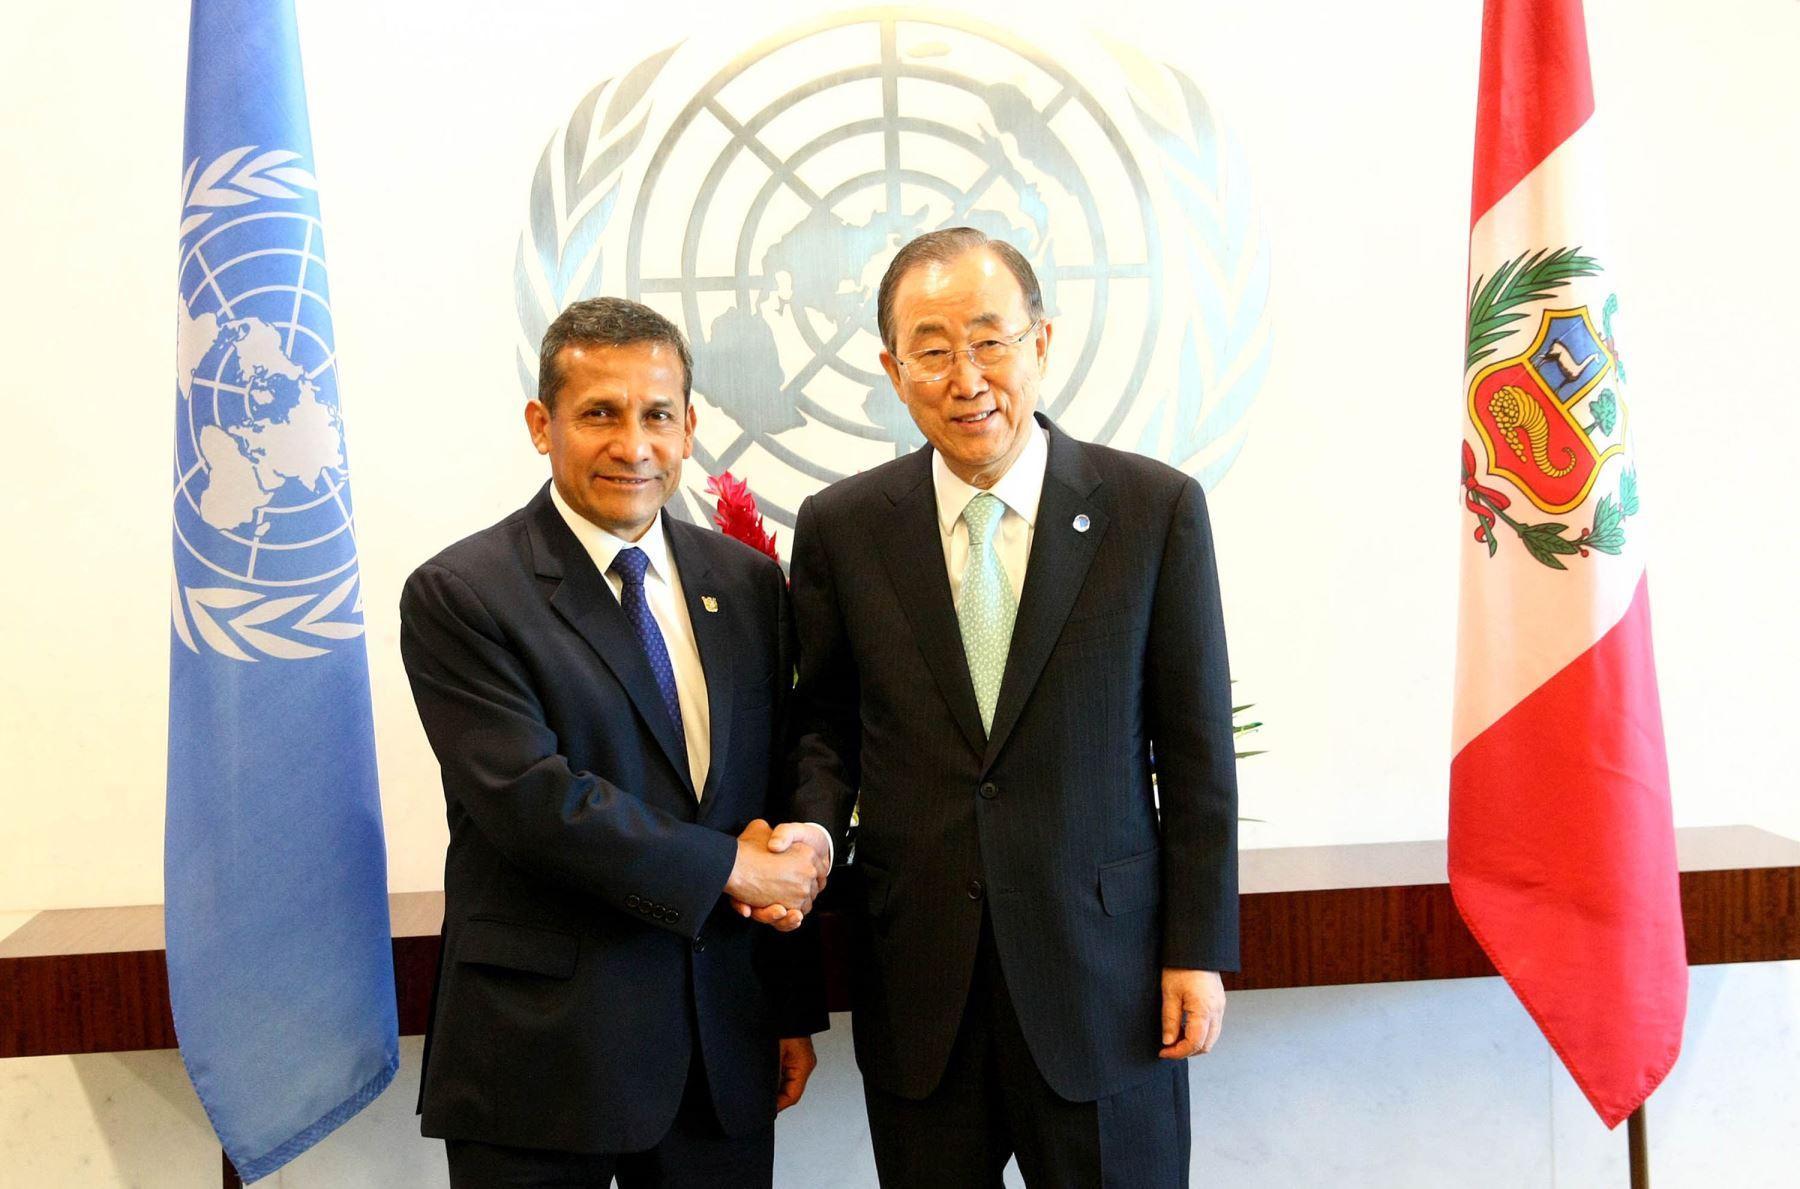 NUEVA YORK EE UU, SETIEMBRE 23. Secretario General de las Naciones Unidas, Ban Ki Moon, y presidente Ollanta Humala Tasso sostuvieron encuentro en Nueva York: ANDINA/Prensa Presidencia